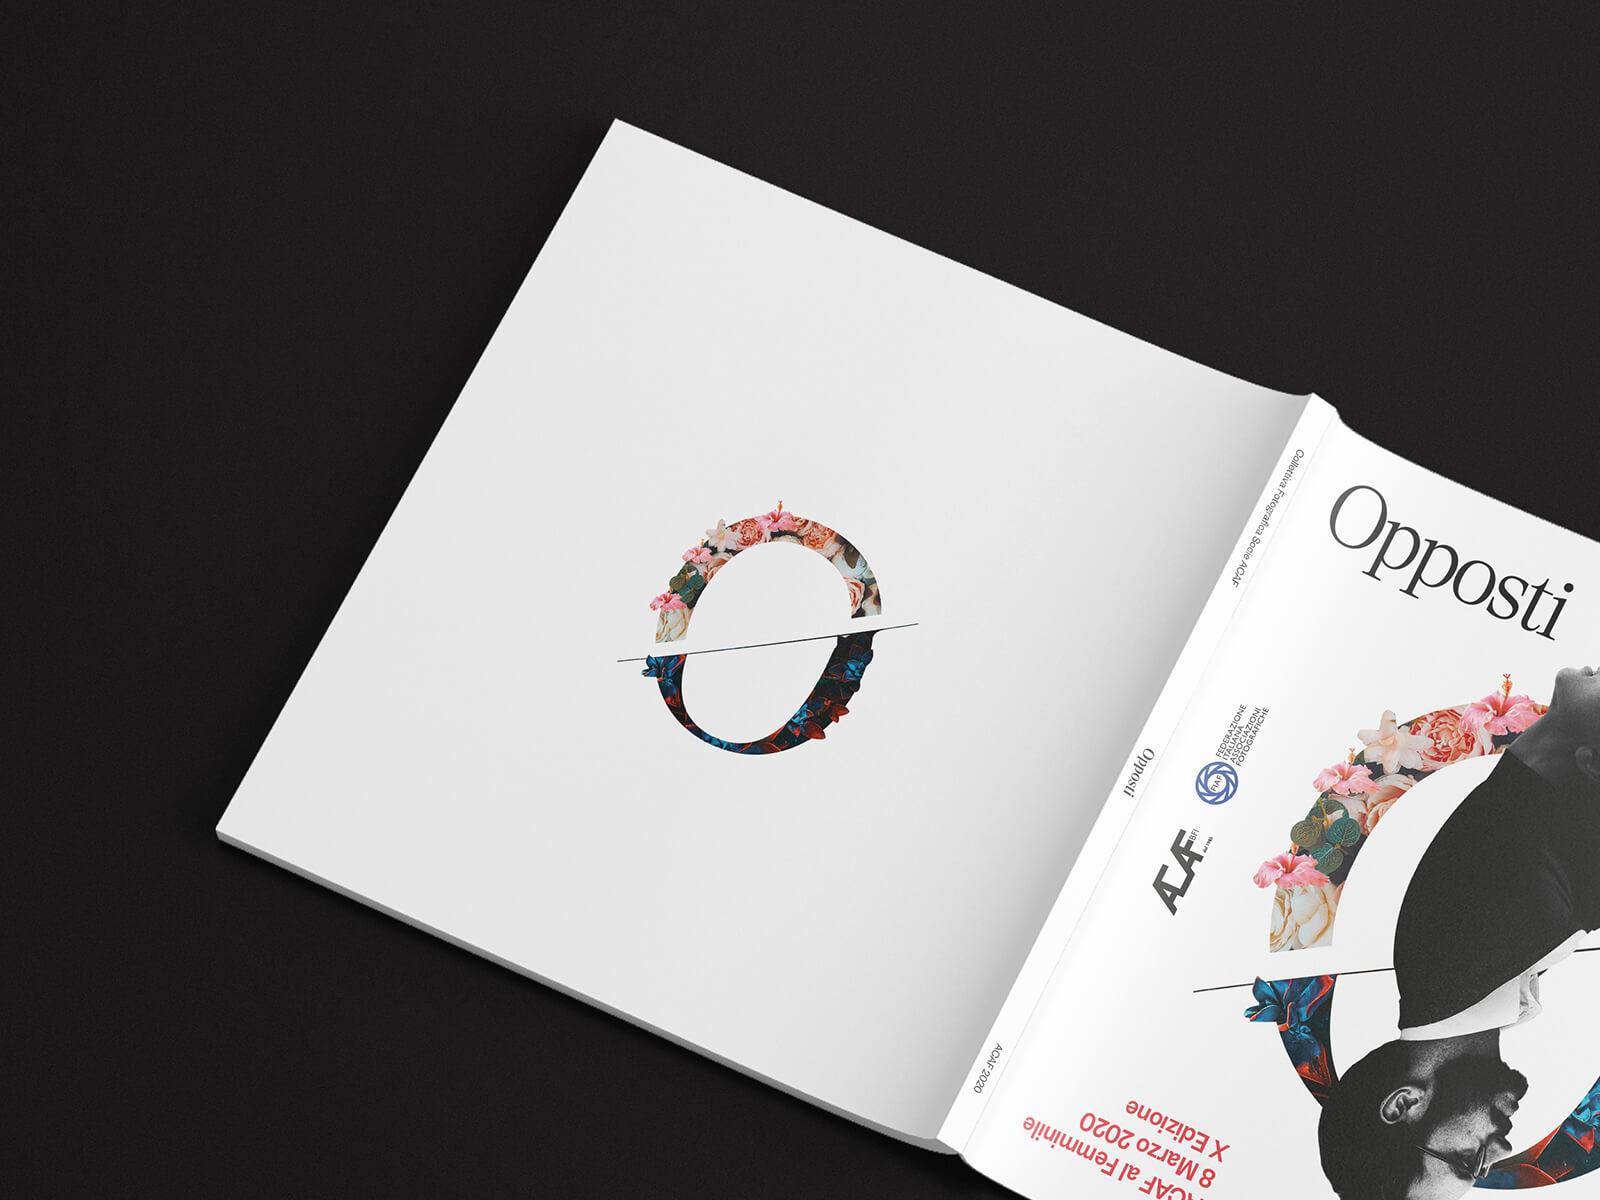 Opposti - Back cover